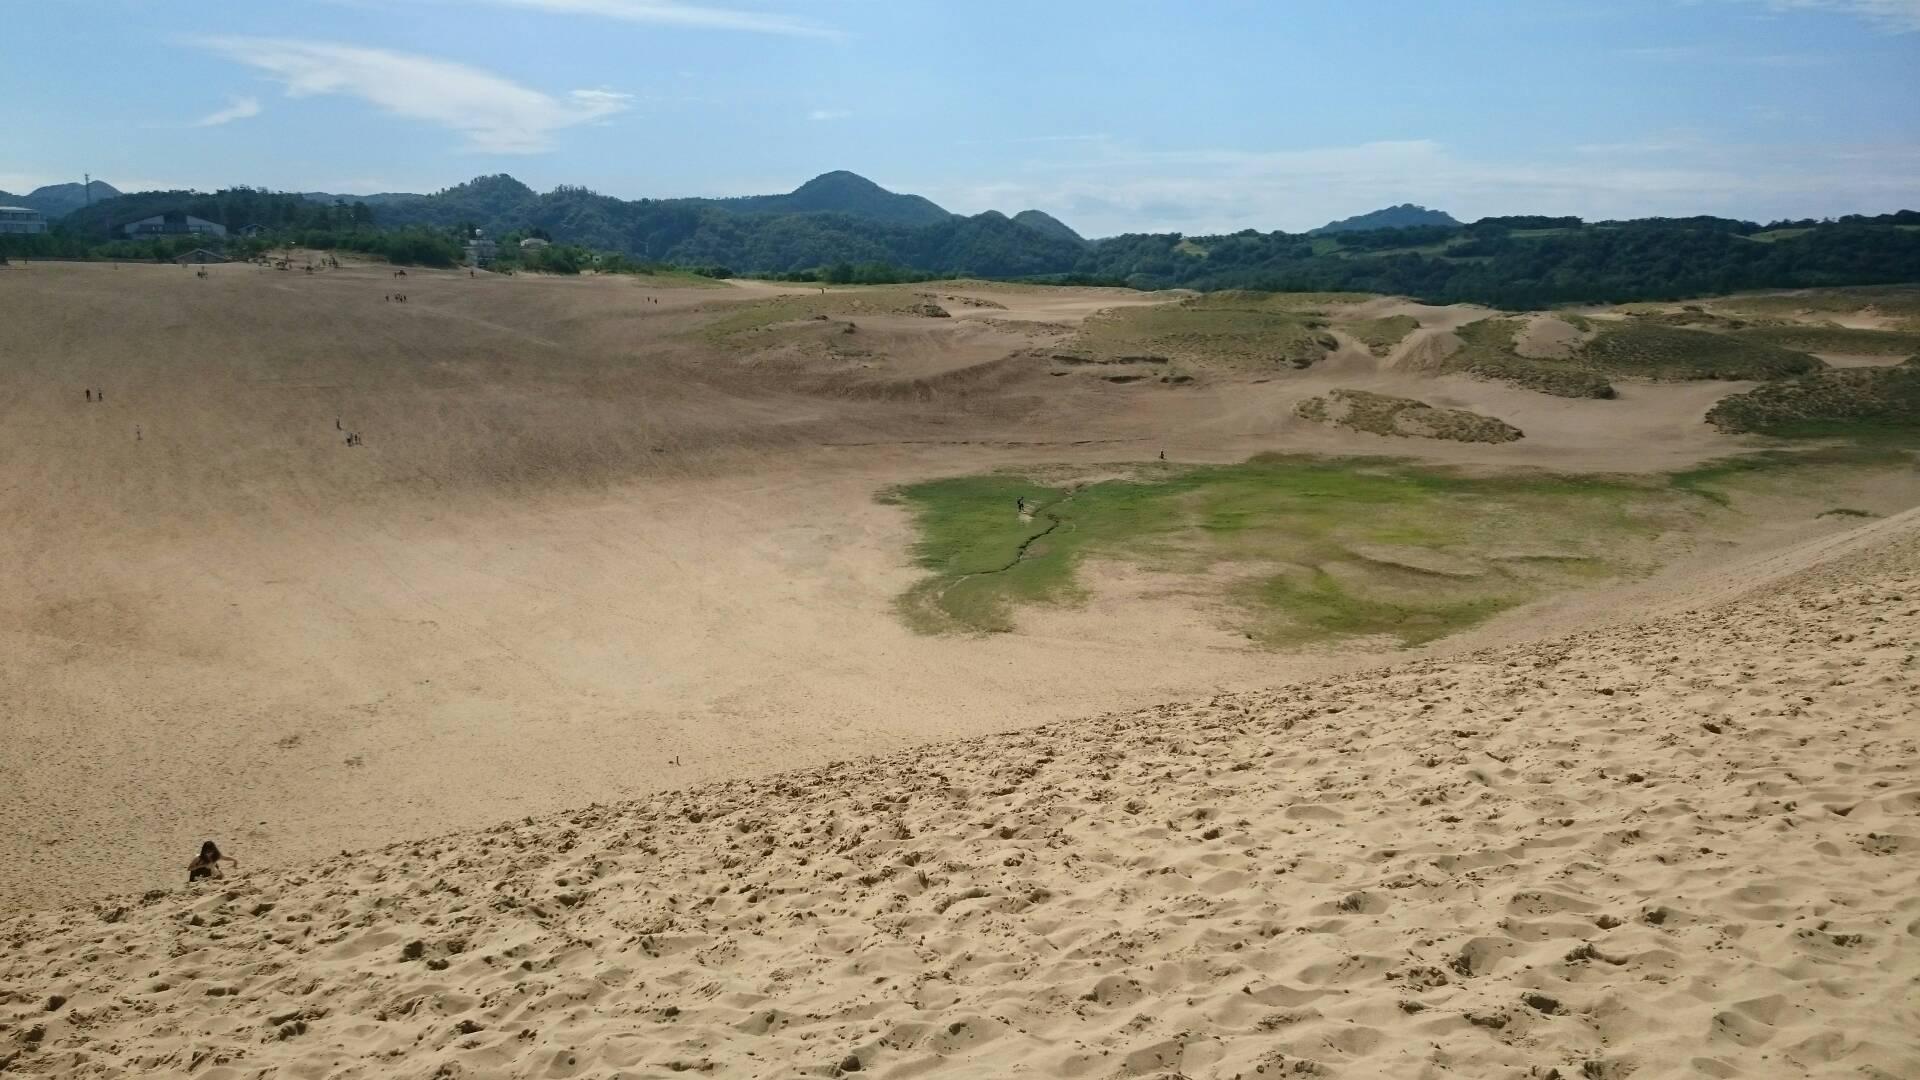 鳥取砂丘の緑